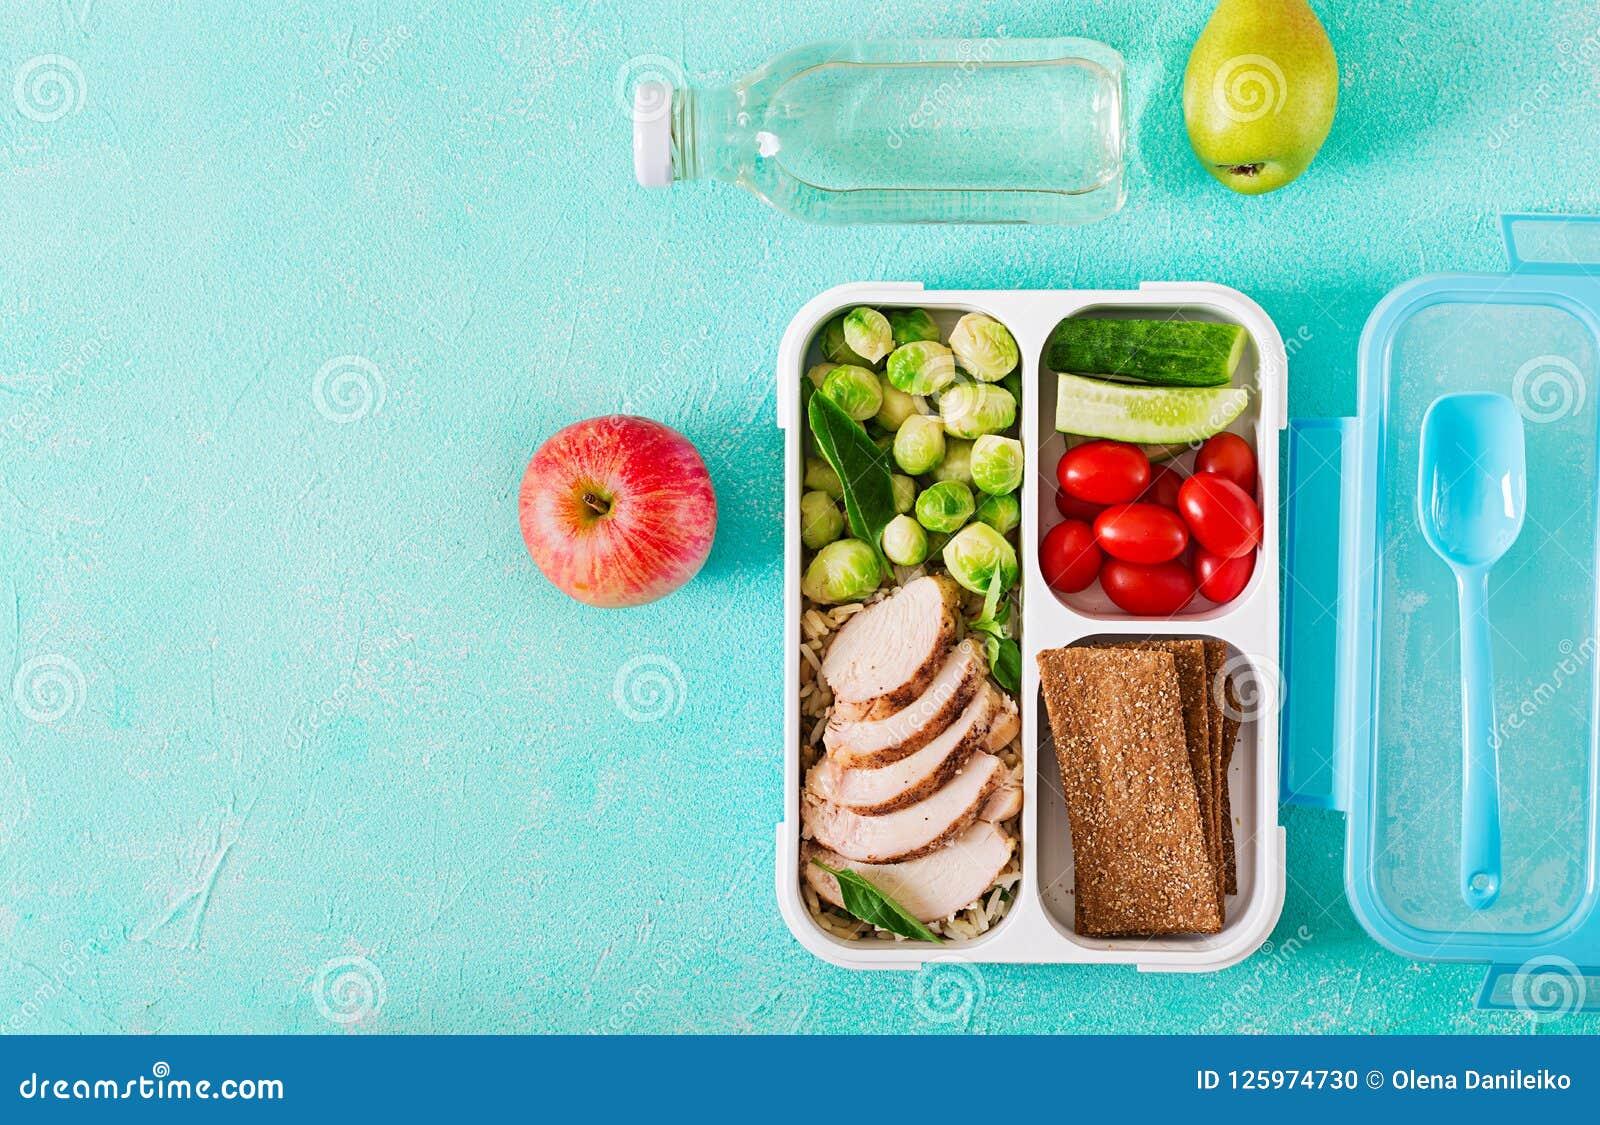 Recipientes verdes saudáveis da preparação da refeição com faixa da galinha, arroz, couves de Bruxelas